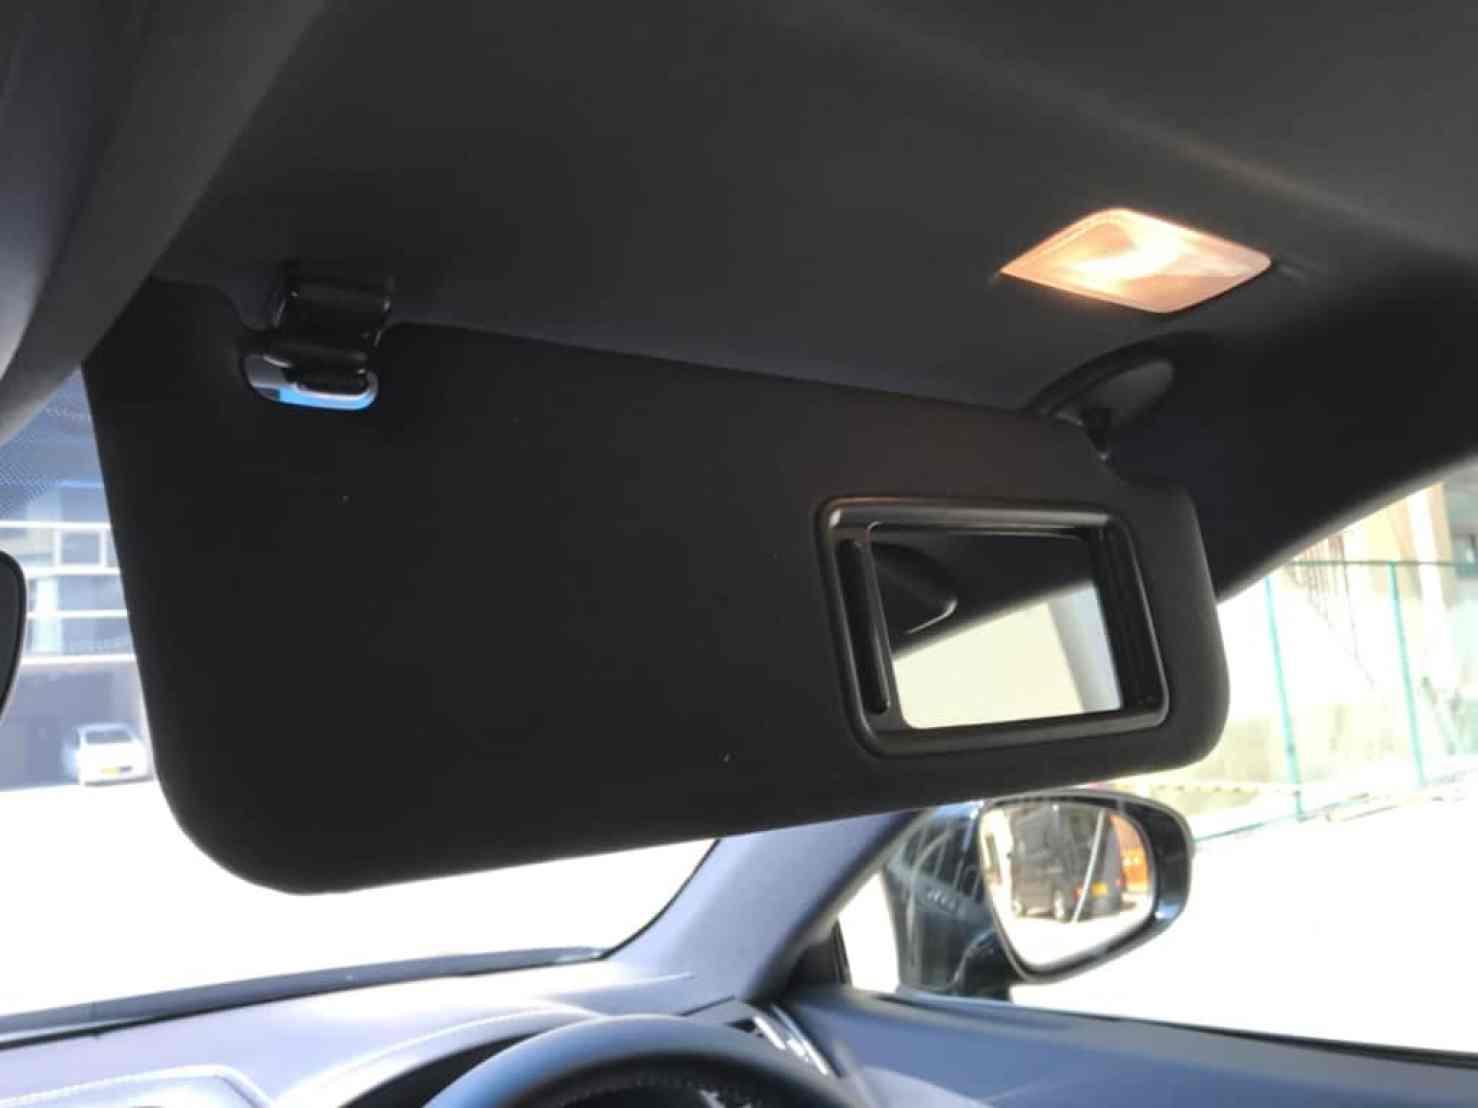 レクサスGSの運転席側のサンバイザーのライト点灯